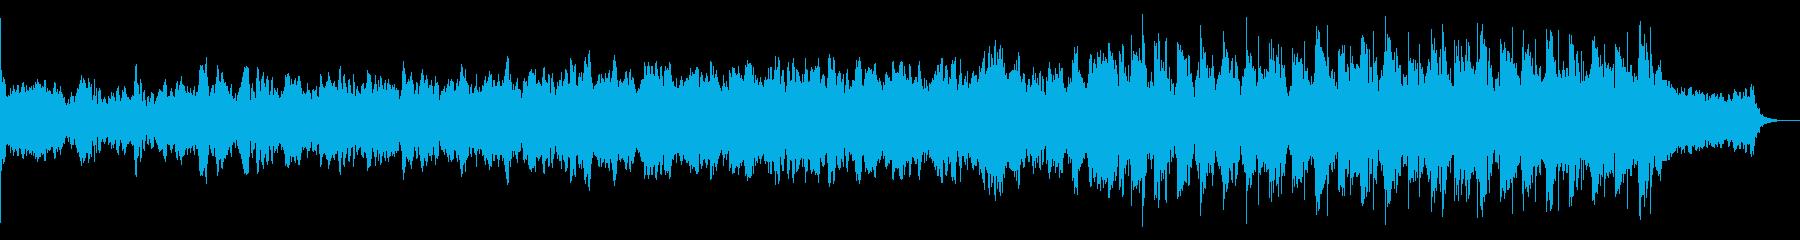 映画音楽、始まりの始まり、虚曲-18の再生済みの波形